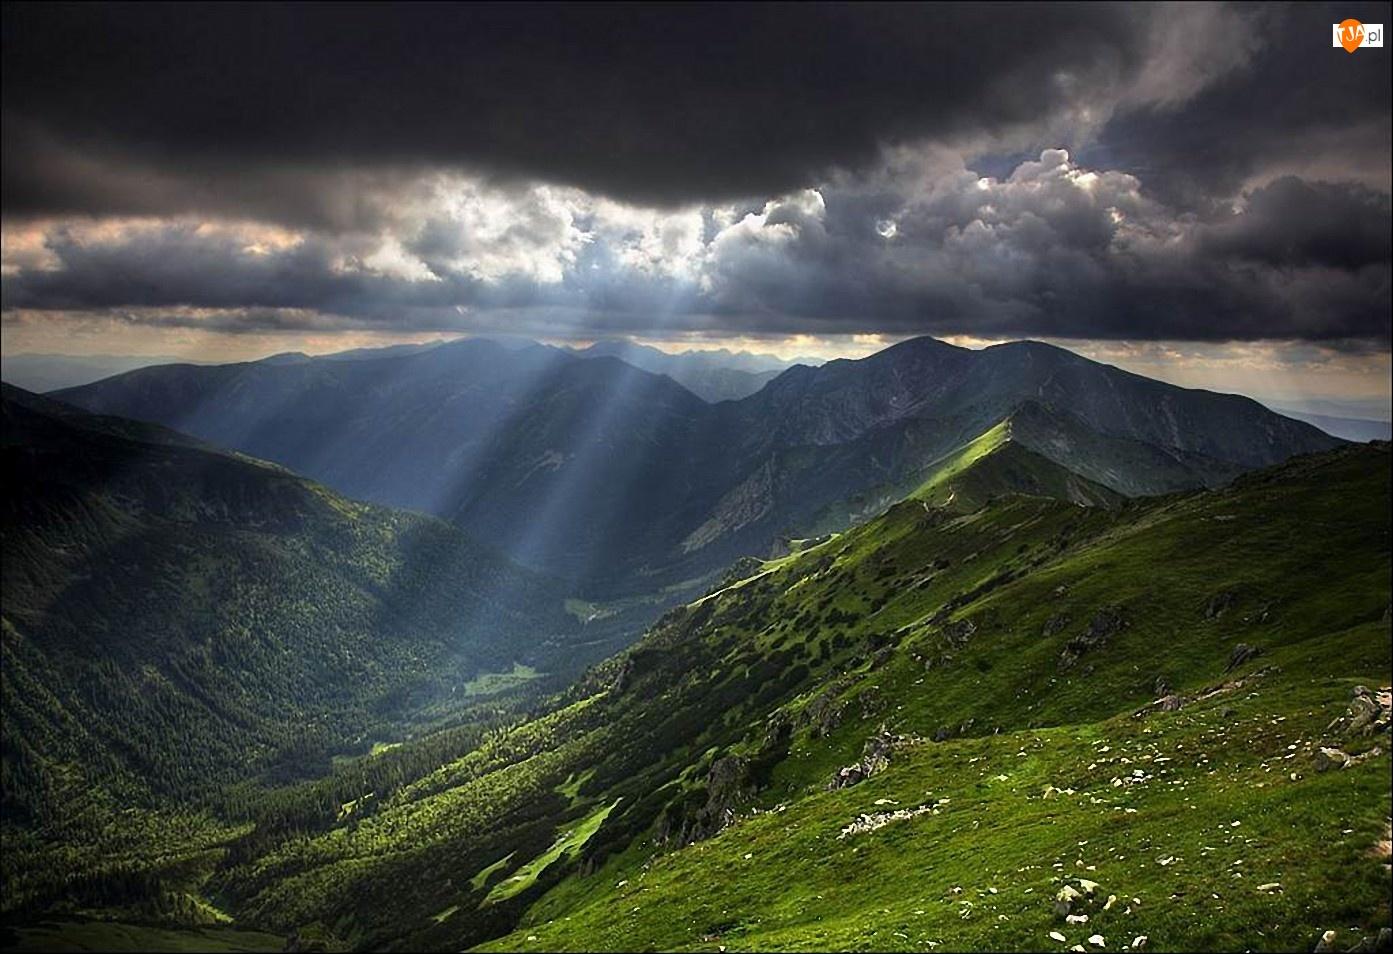 Słońca, Góry, Burzowe, Chmury, Promienie